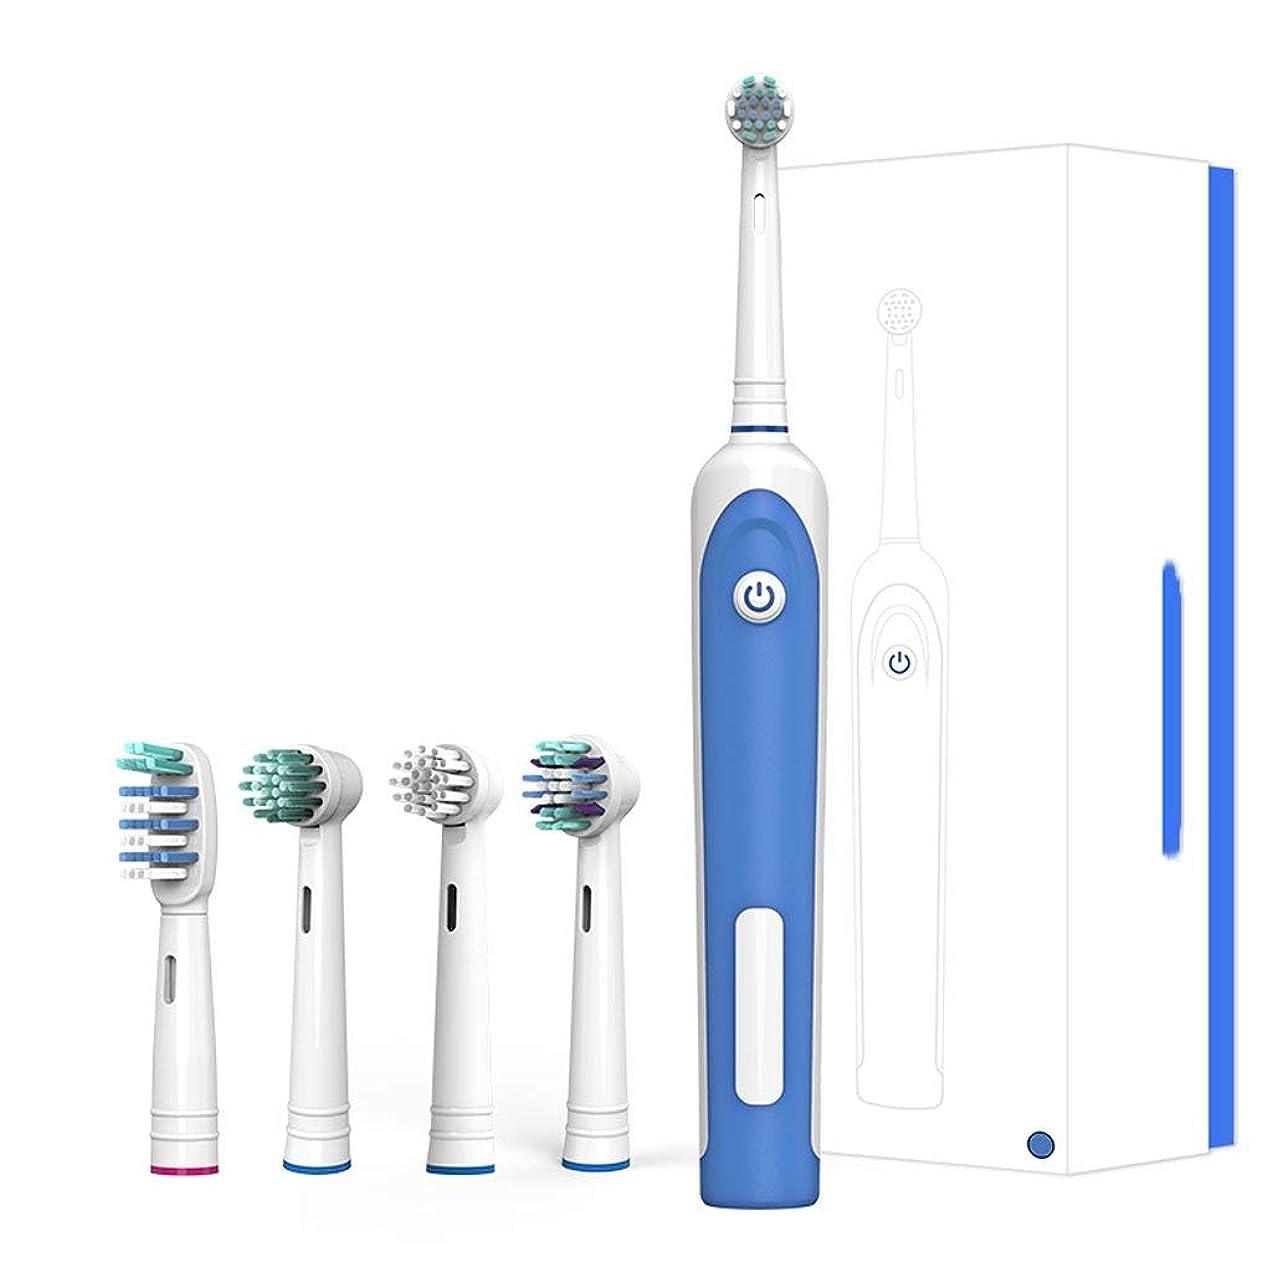 爆発するわずかに状態回転式電動歯ブラシ大人の再充電可能な動力を与えられた歯ブラシ2分の歯医者のようなきれいな歯スマートな防水完全に洗濯できる